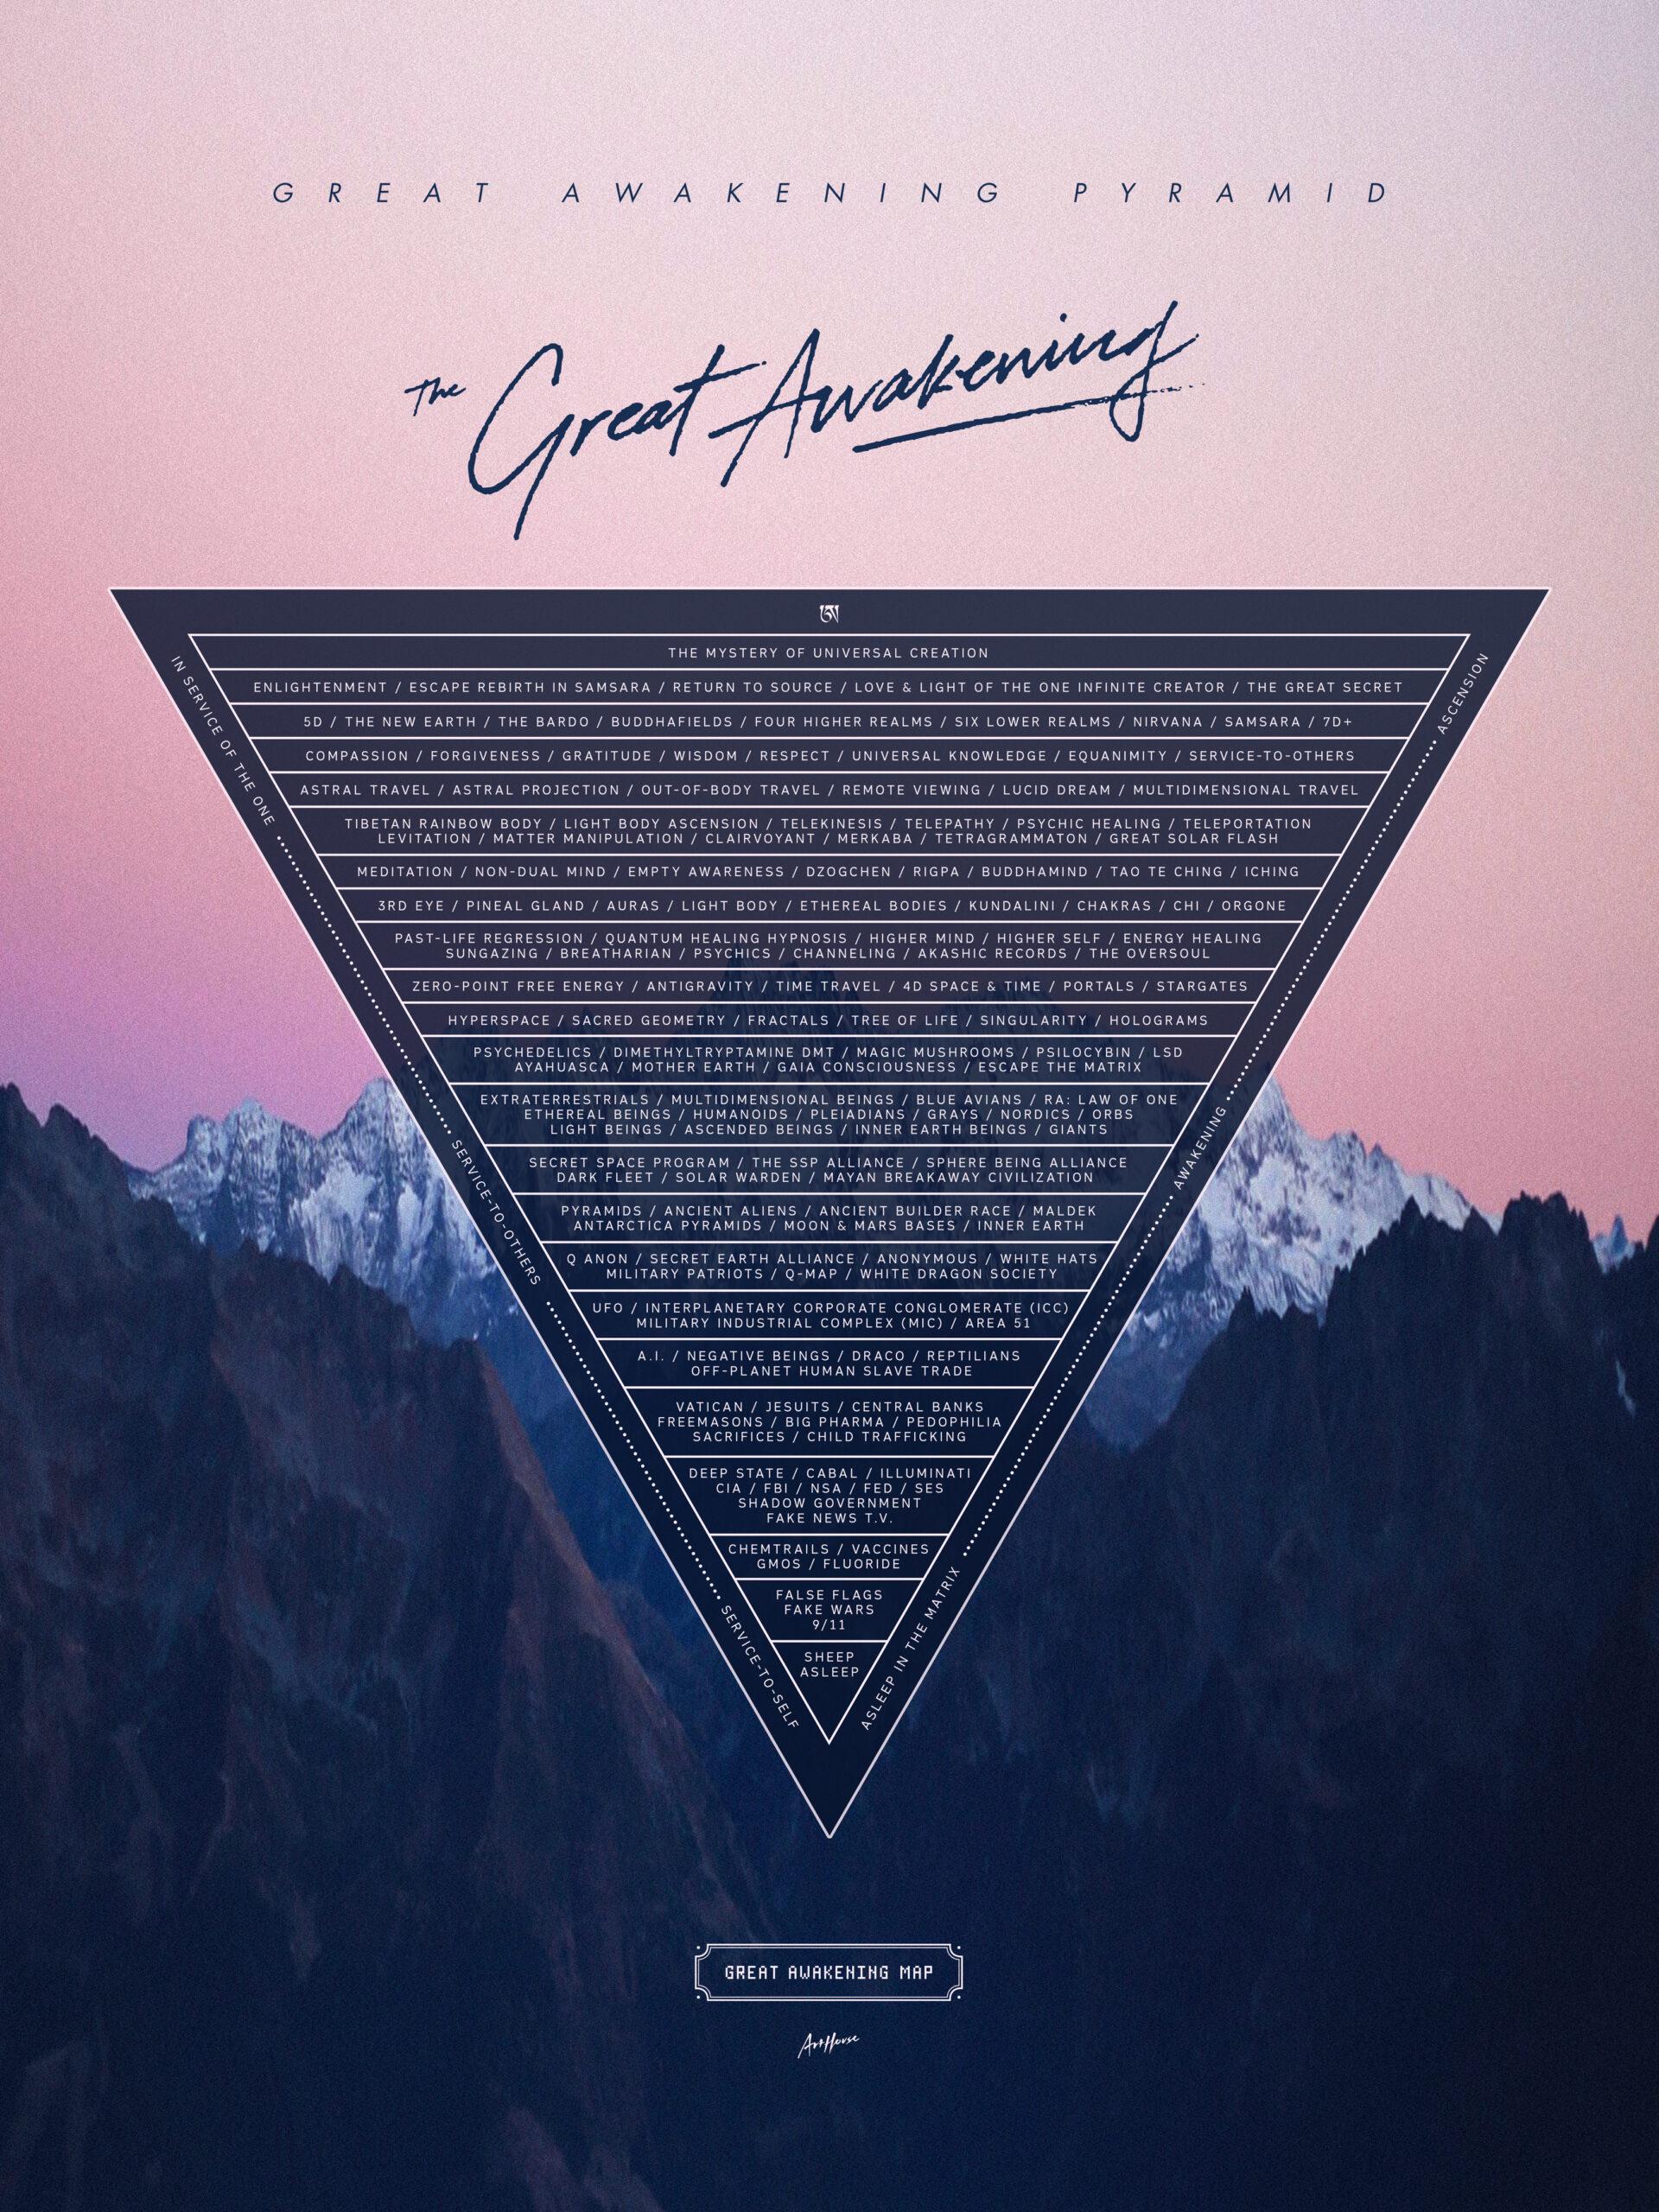 GreatAwakeningPyramid_11x14